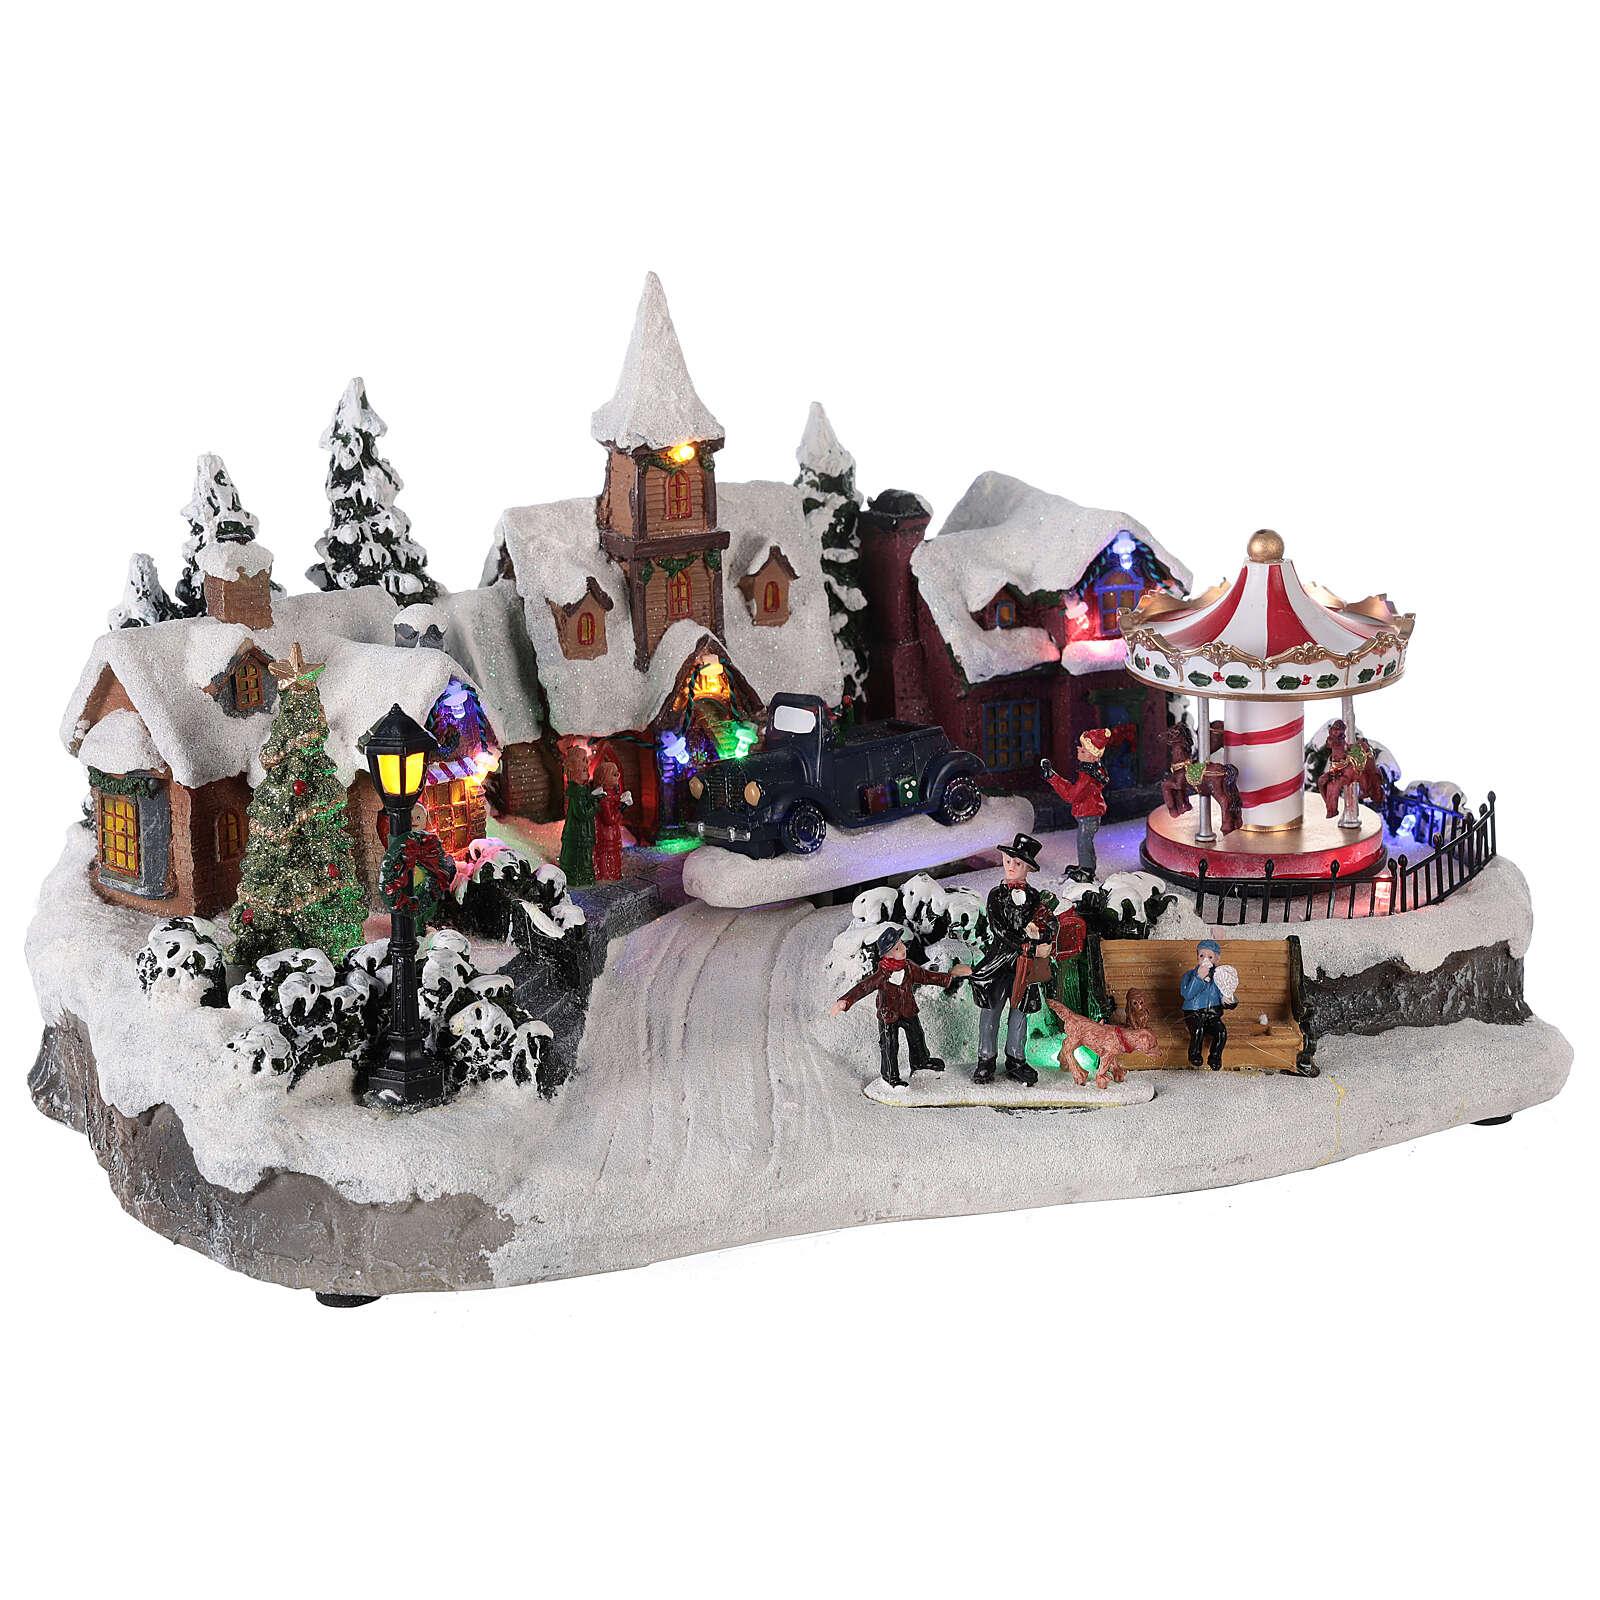 Villaggio invernale auto in movimento musica e luci 40x25x20 cm 3